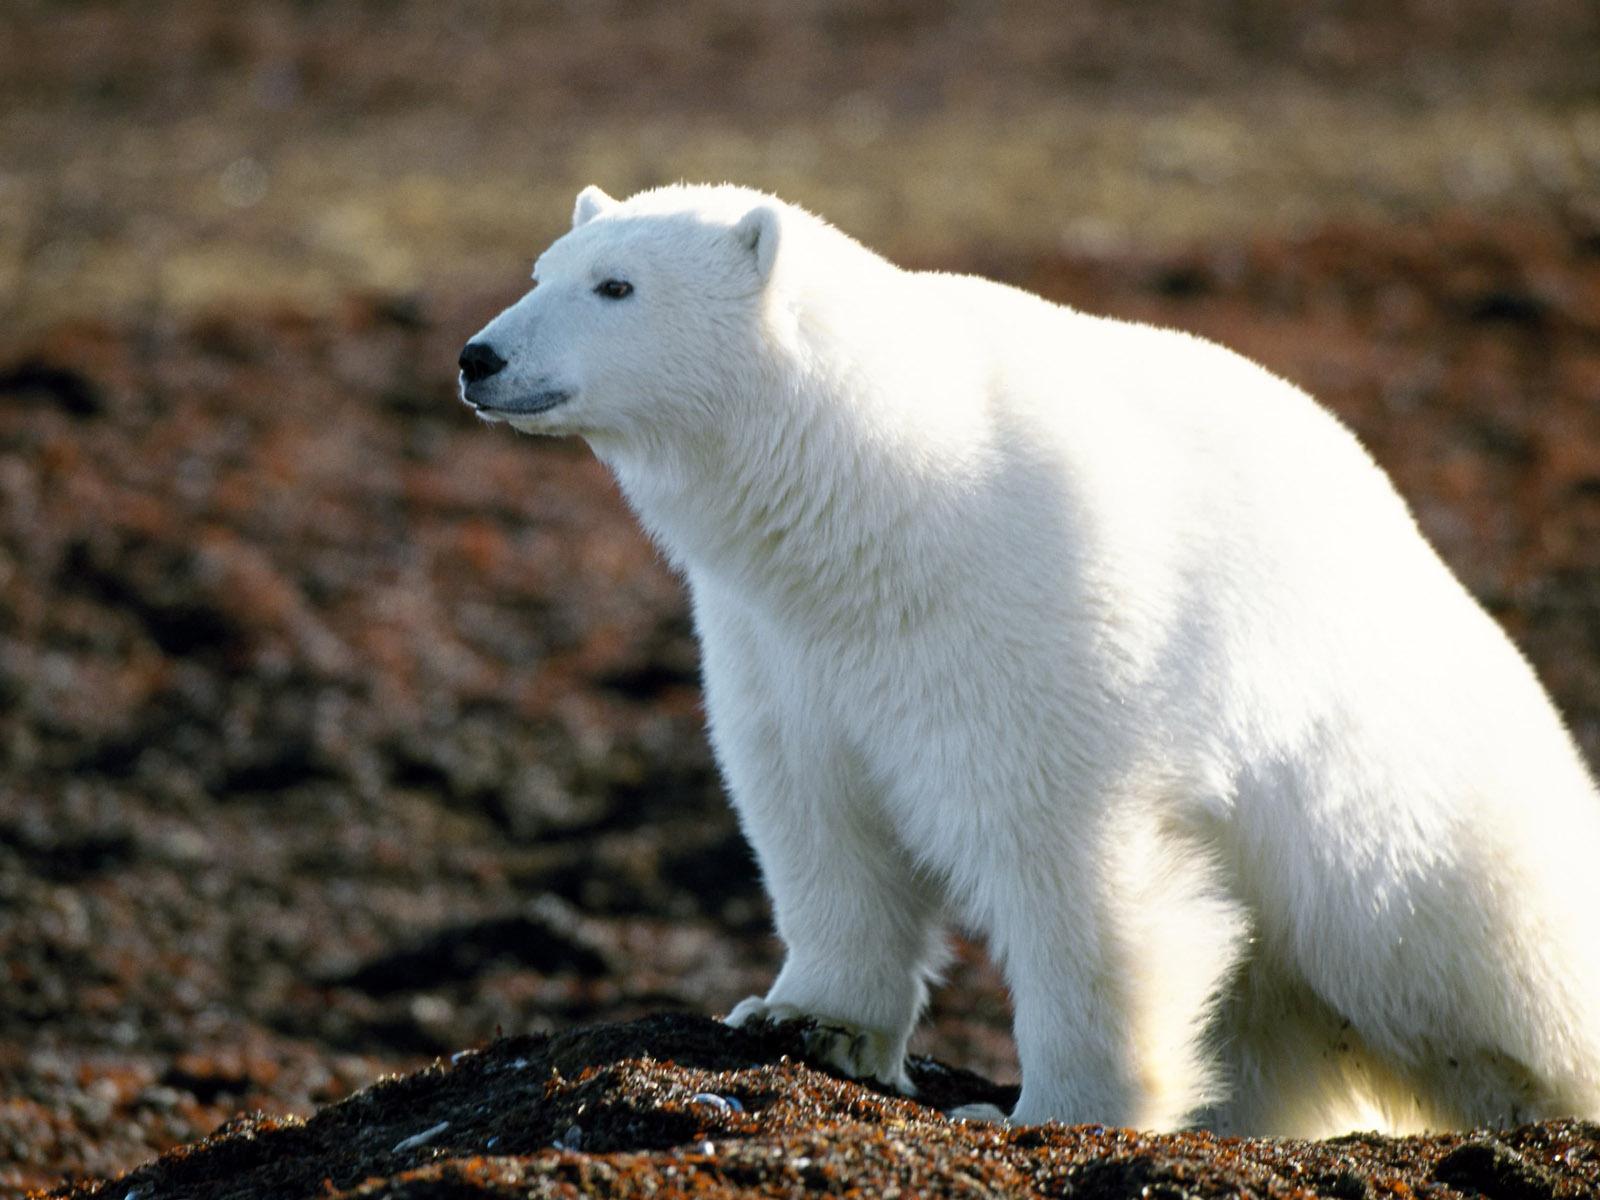 http://4.bp.blogspot.com/-Q6xkWlwYaAU/TvYYxQmchBI/AAAAAAAAGIs/C7NswskBv_U/s1600/animals-wallpapers-41.jpg